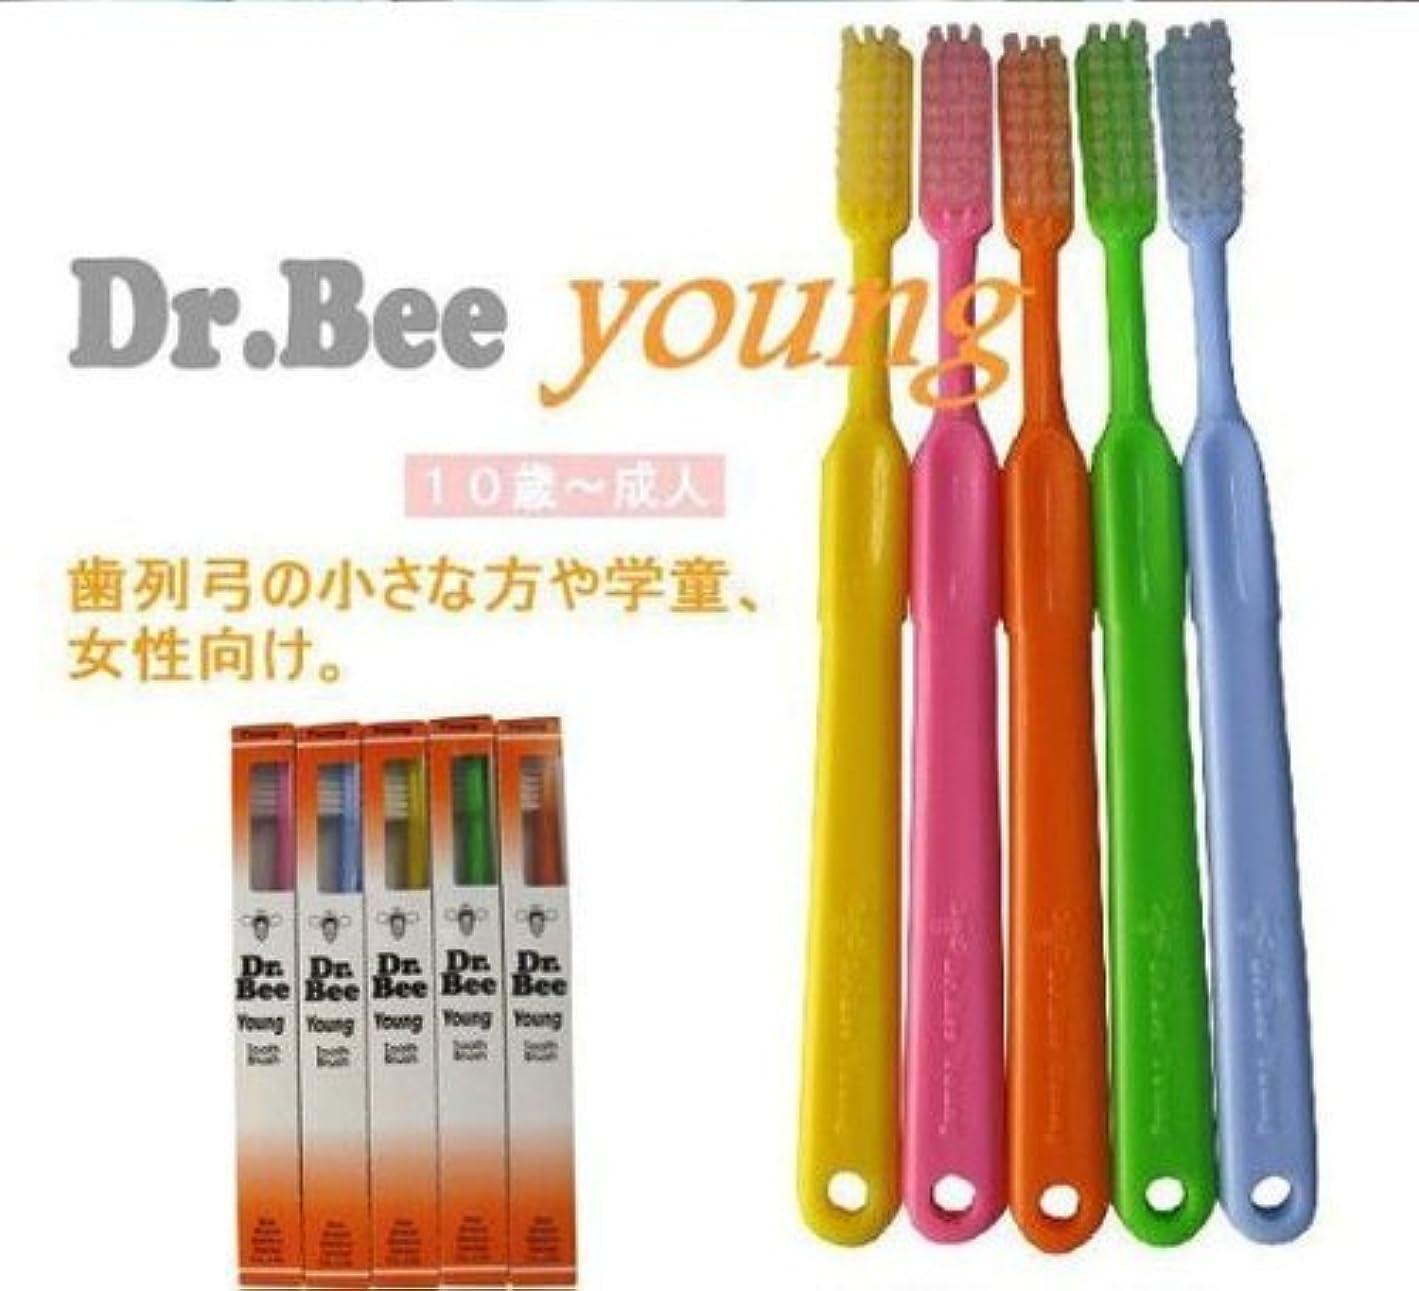 プラットフォーム拳精算BeeBrand Dr.BEE 歯ブラシヤング かため